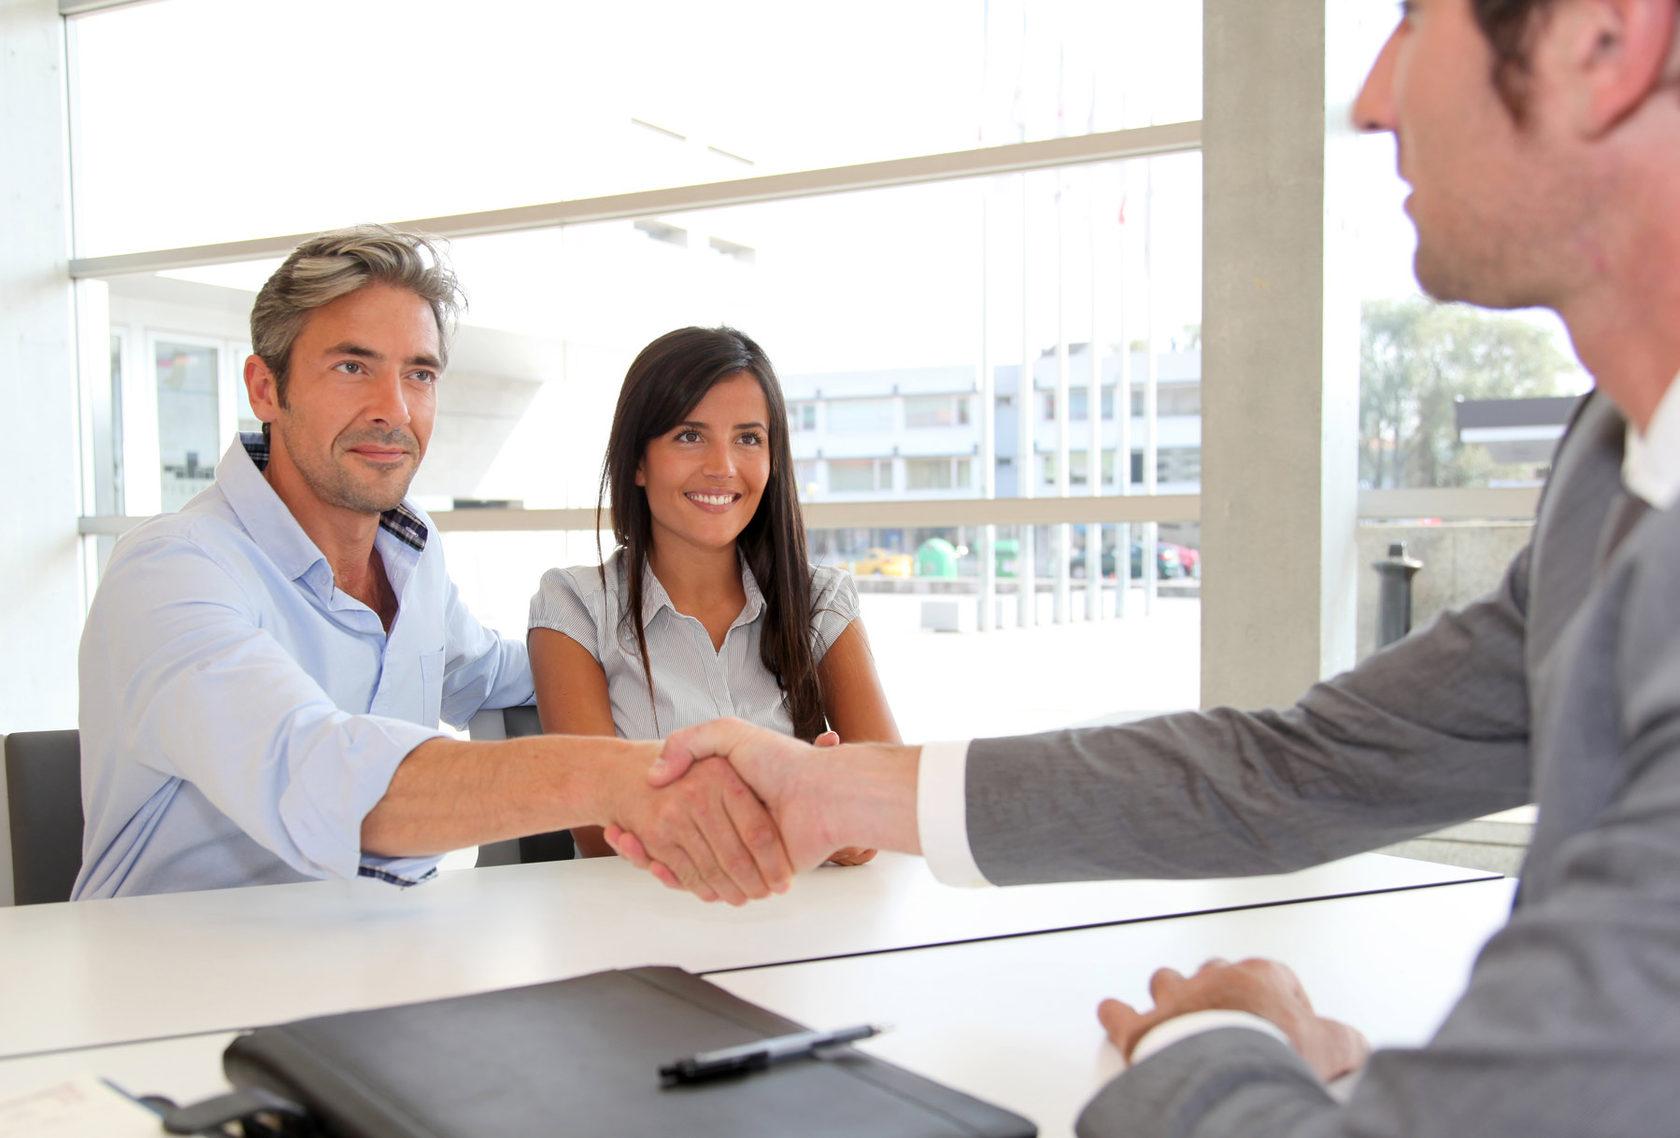 Онлайн заявка на кредит без справок о доходах в альфа банке